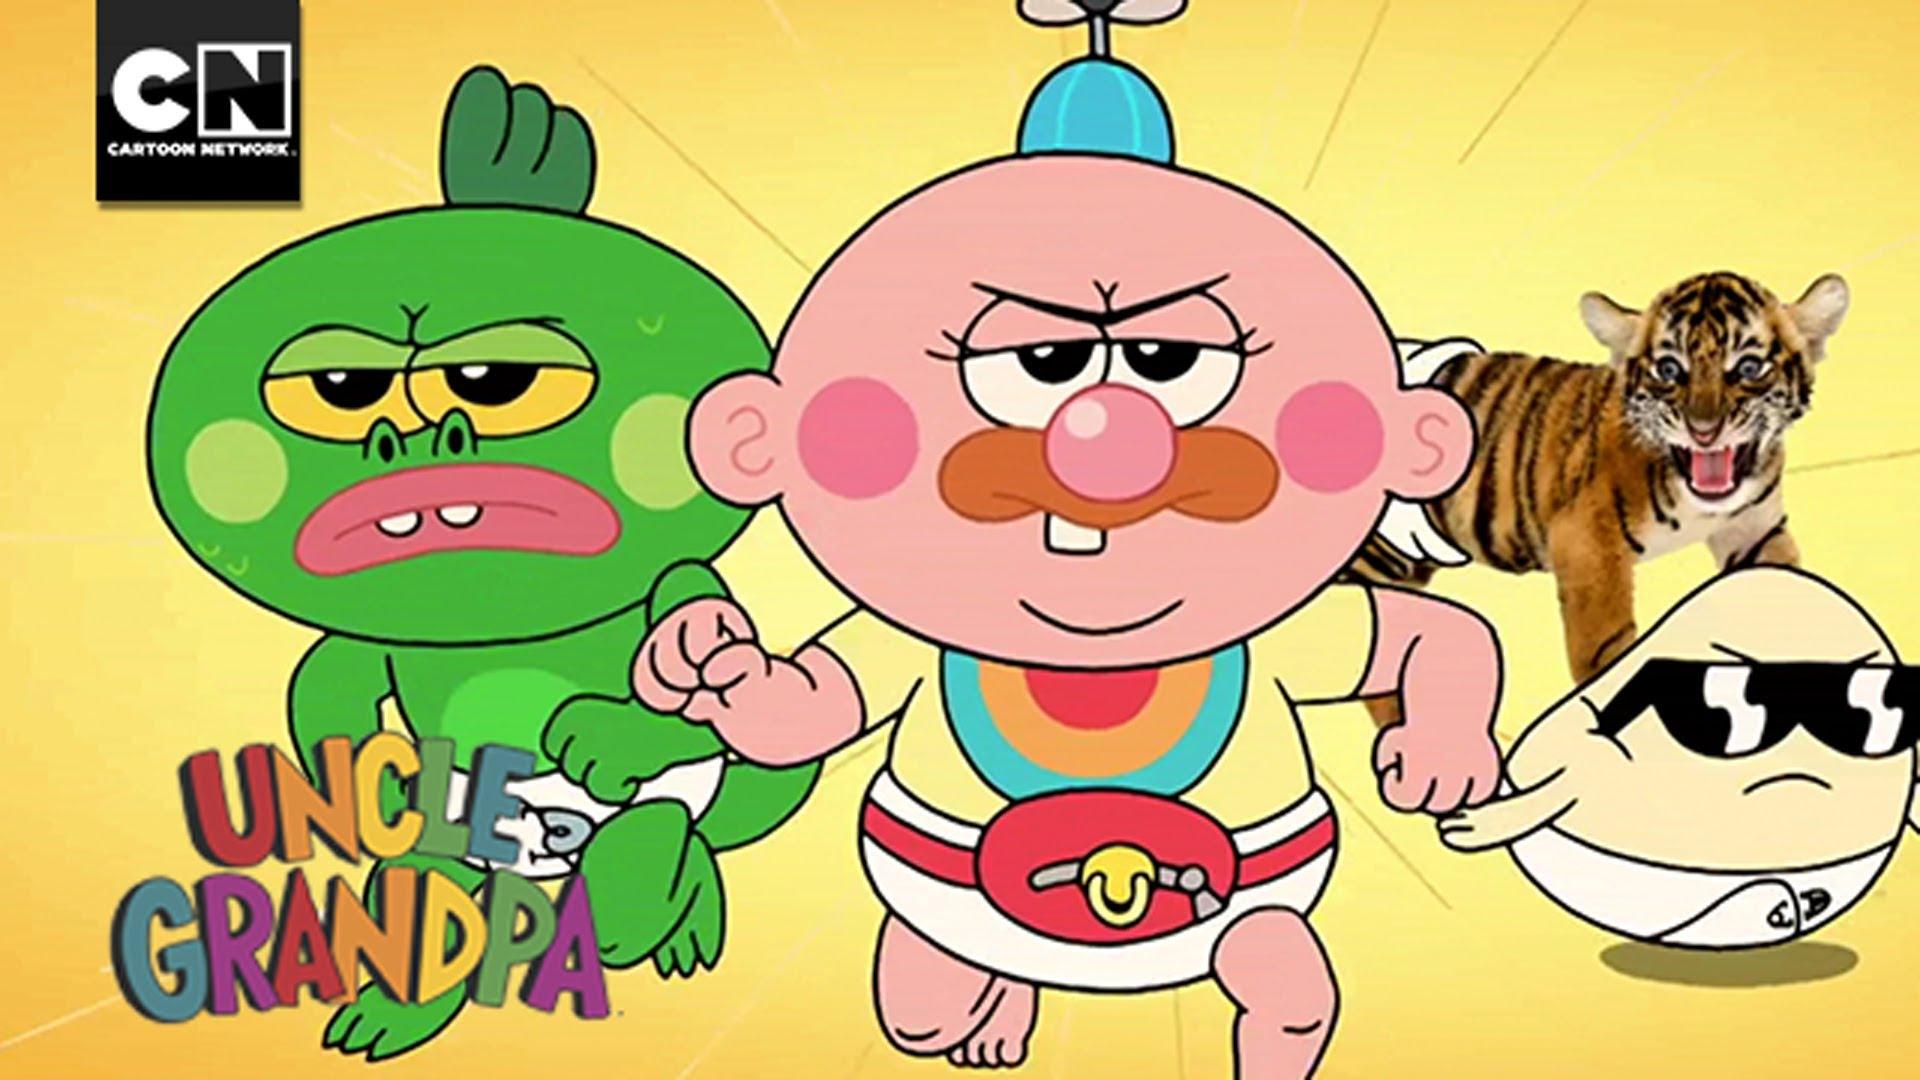 Baby clipart grandpa Diego Con Cartoon Comic Network